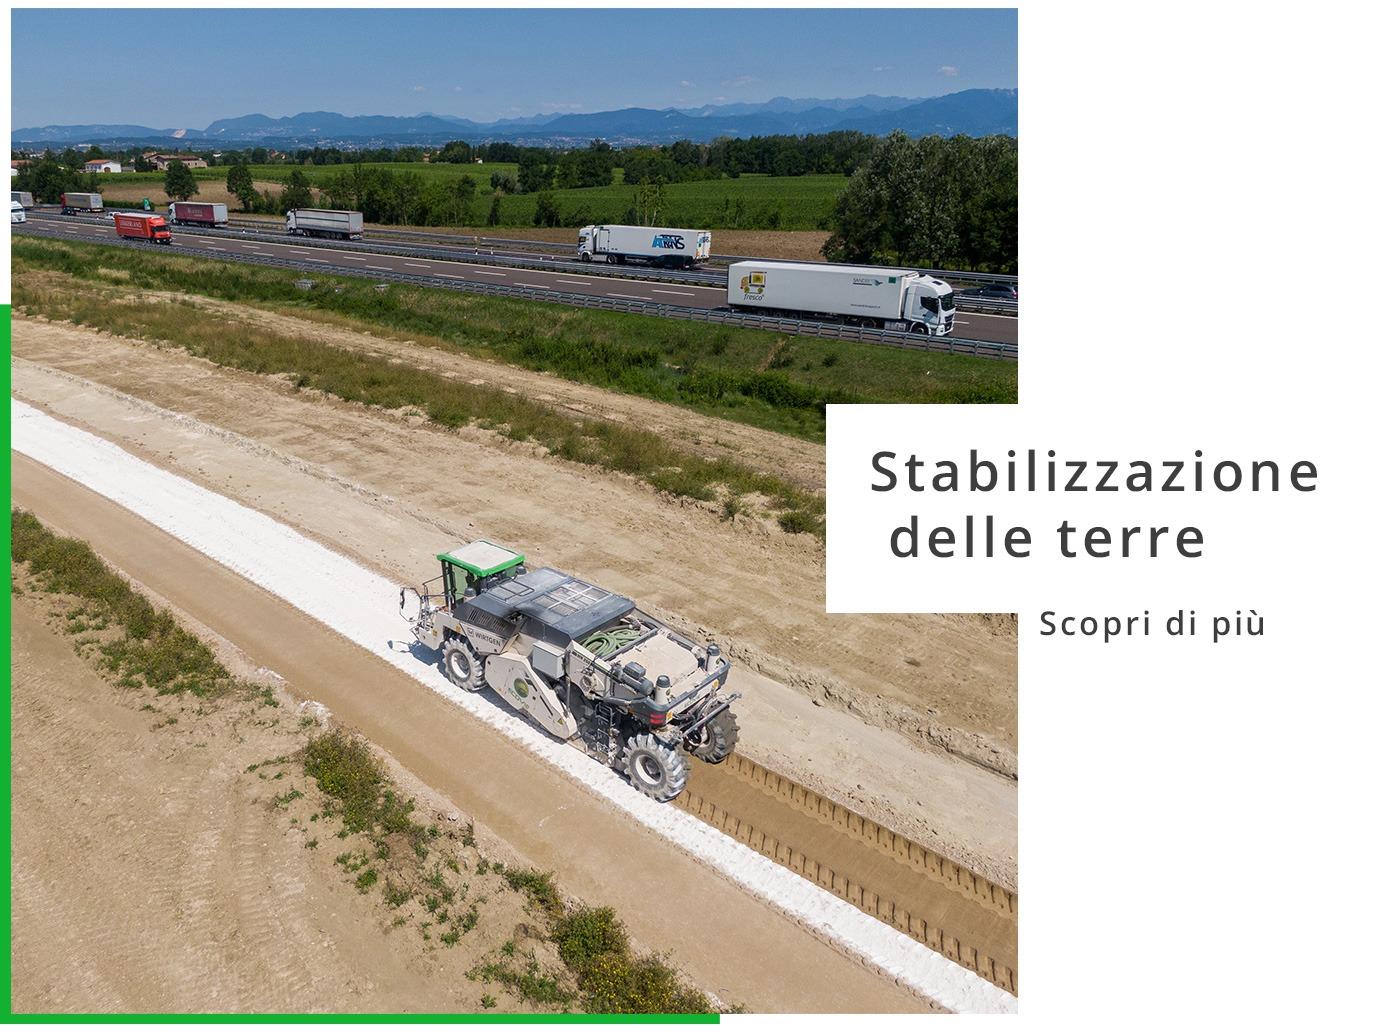 stabilizzazione-delle-terre-blog